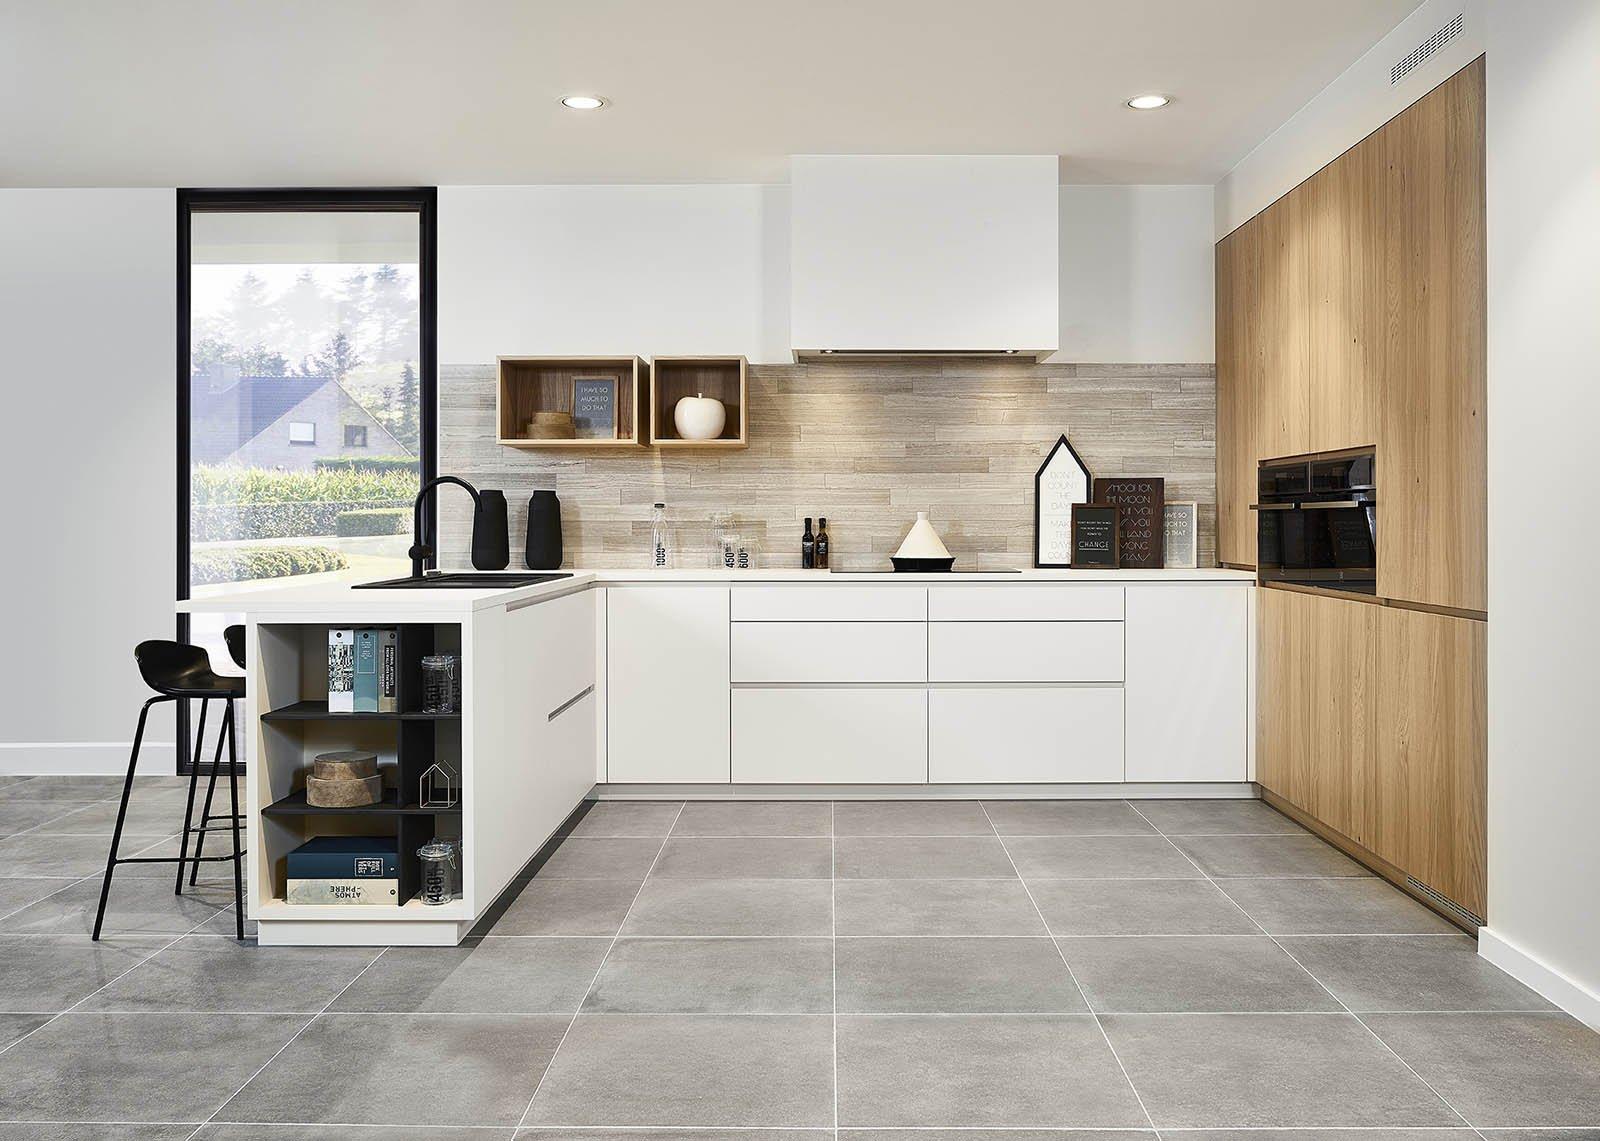 Cuisine moderne avec mur en placage bois - Modèle Design